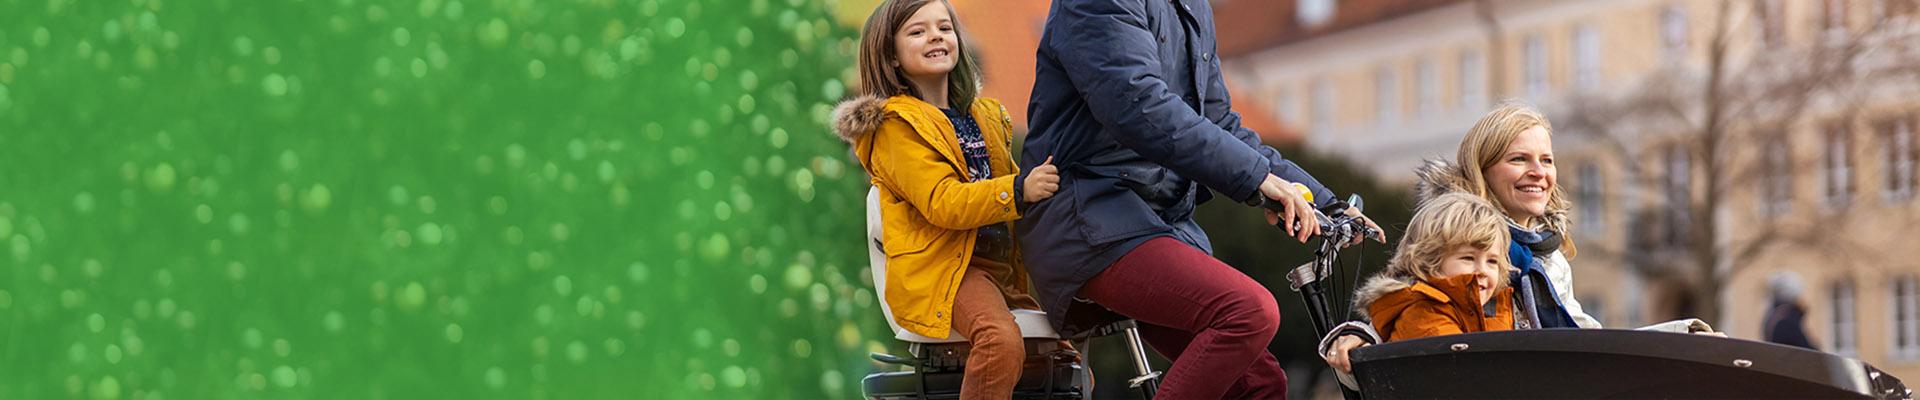 Gezin fietst met de bakfiets langs de kerstbomen